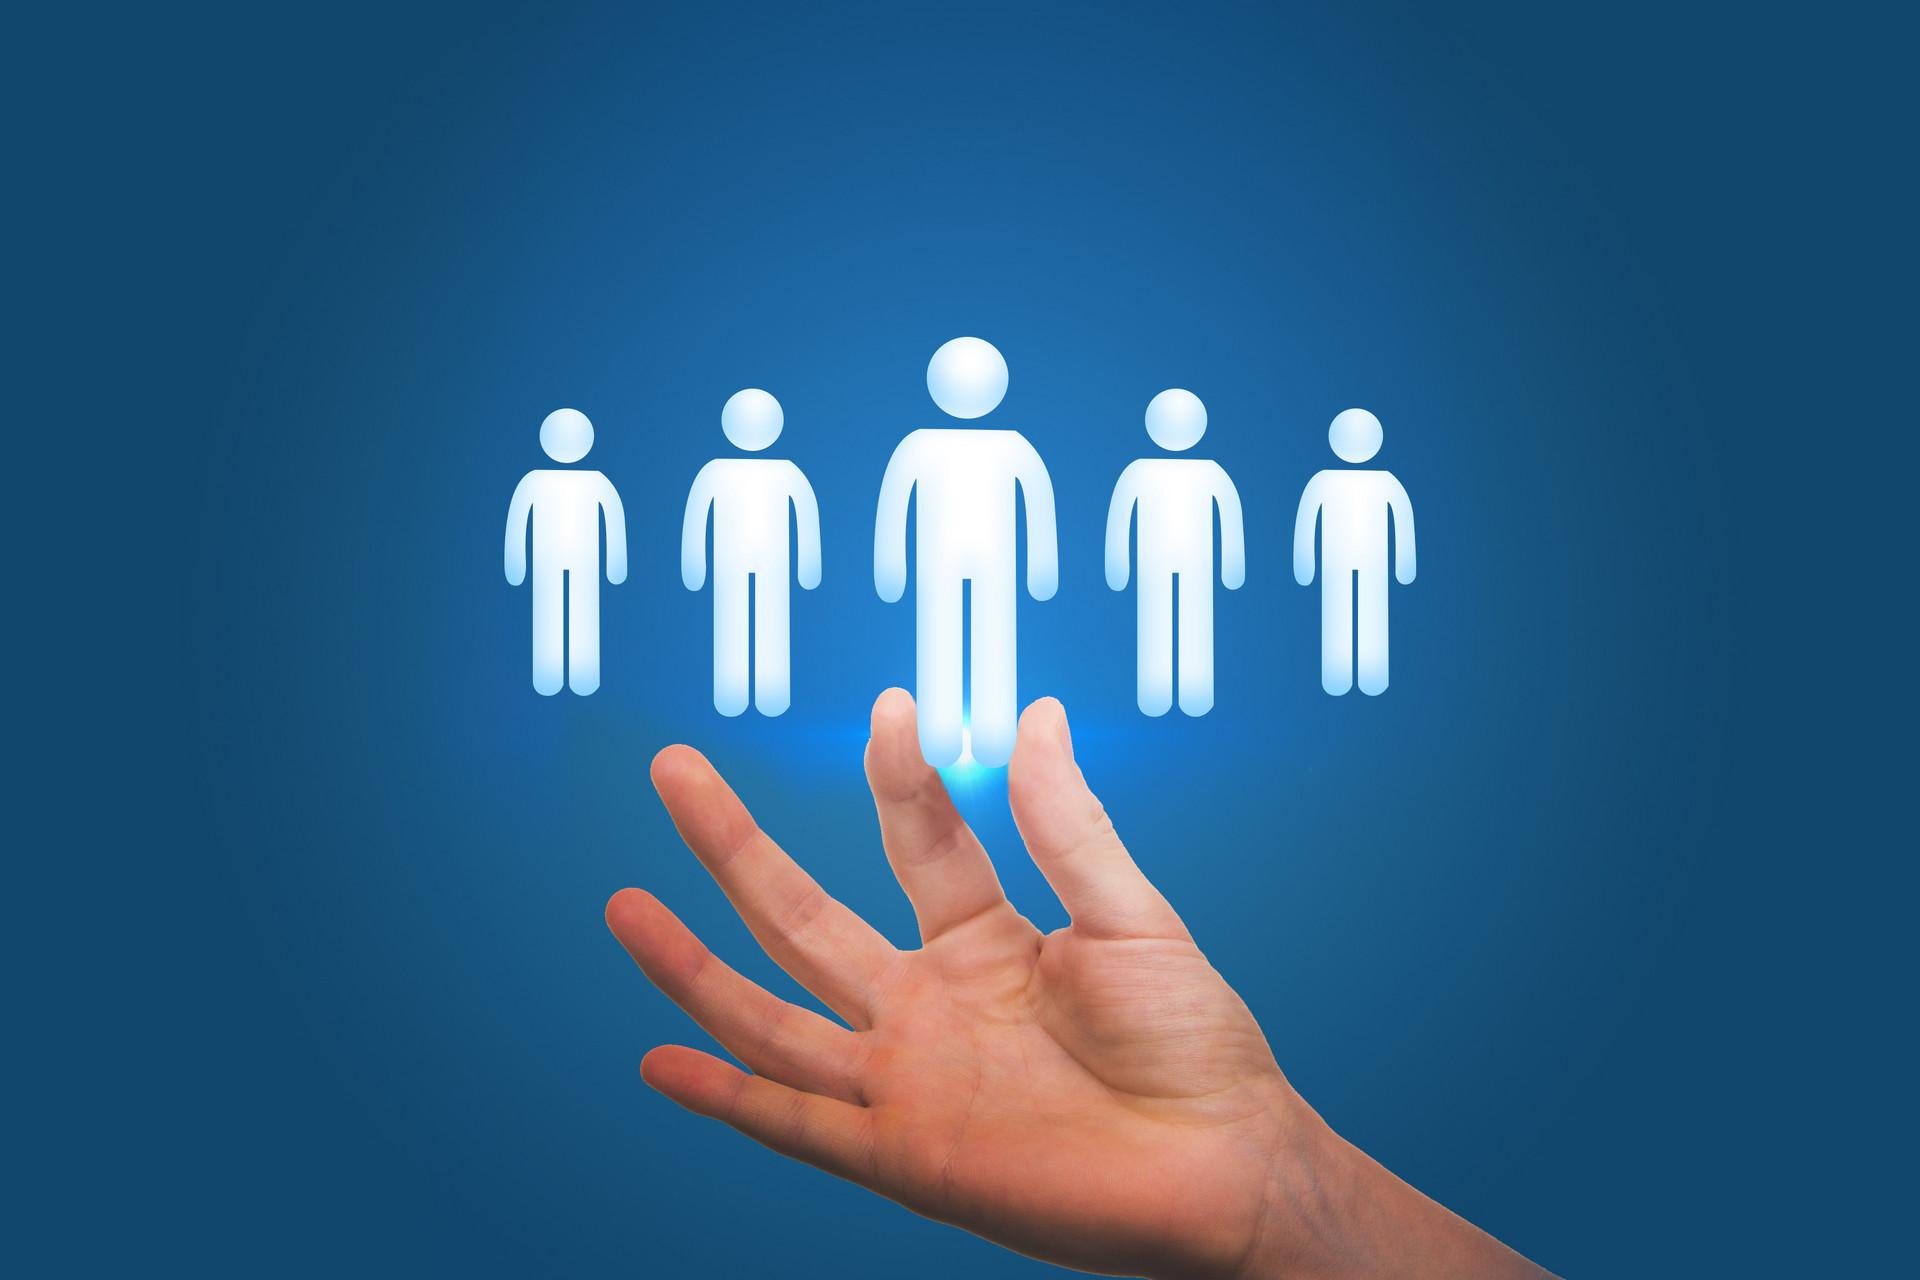 选择成都社保代理公司的好处是什么?既省钱又省力